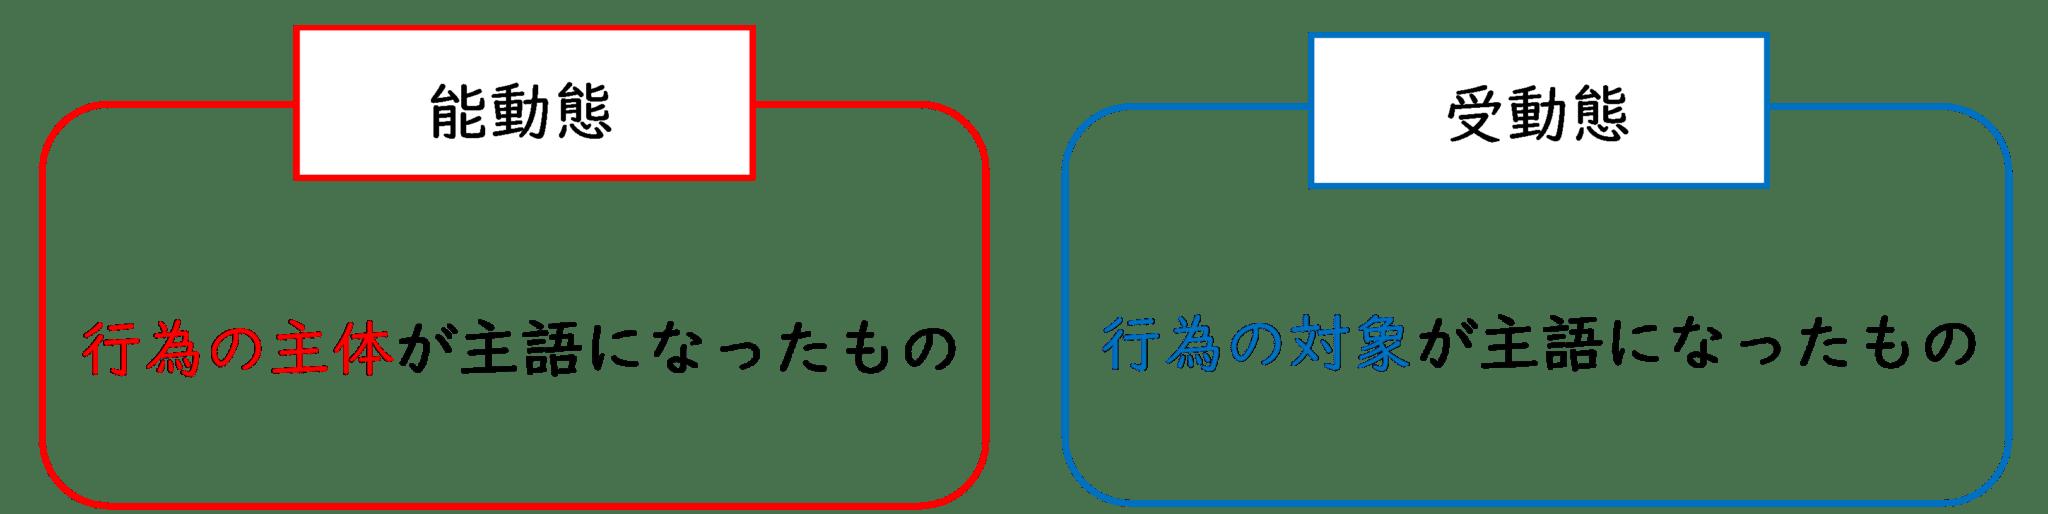 能動態と受動態の主語